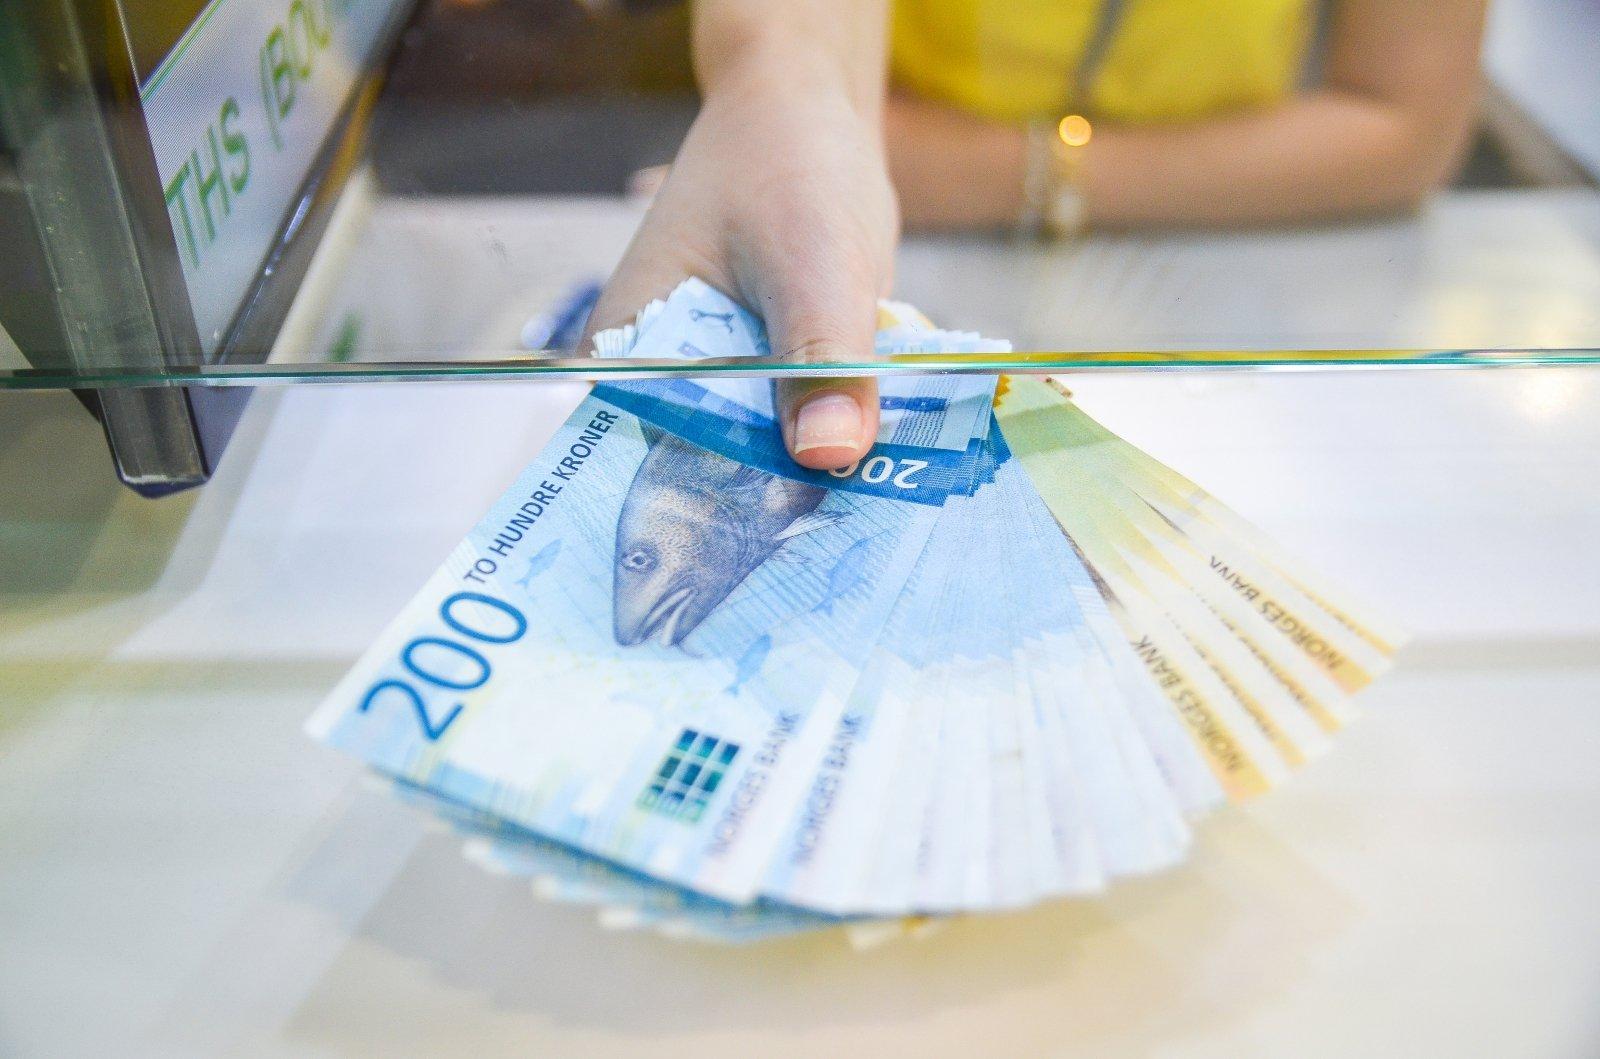 valiutos prekybos handelsbanken)